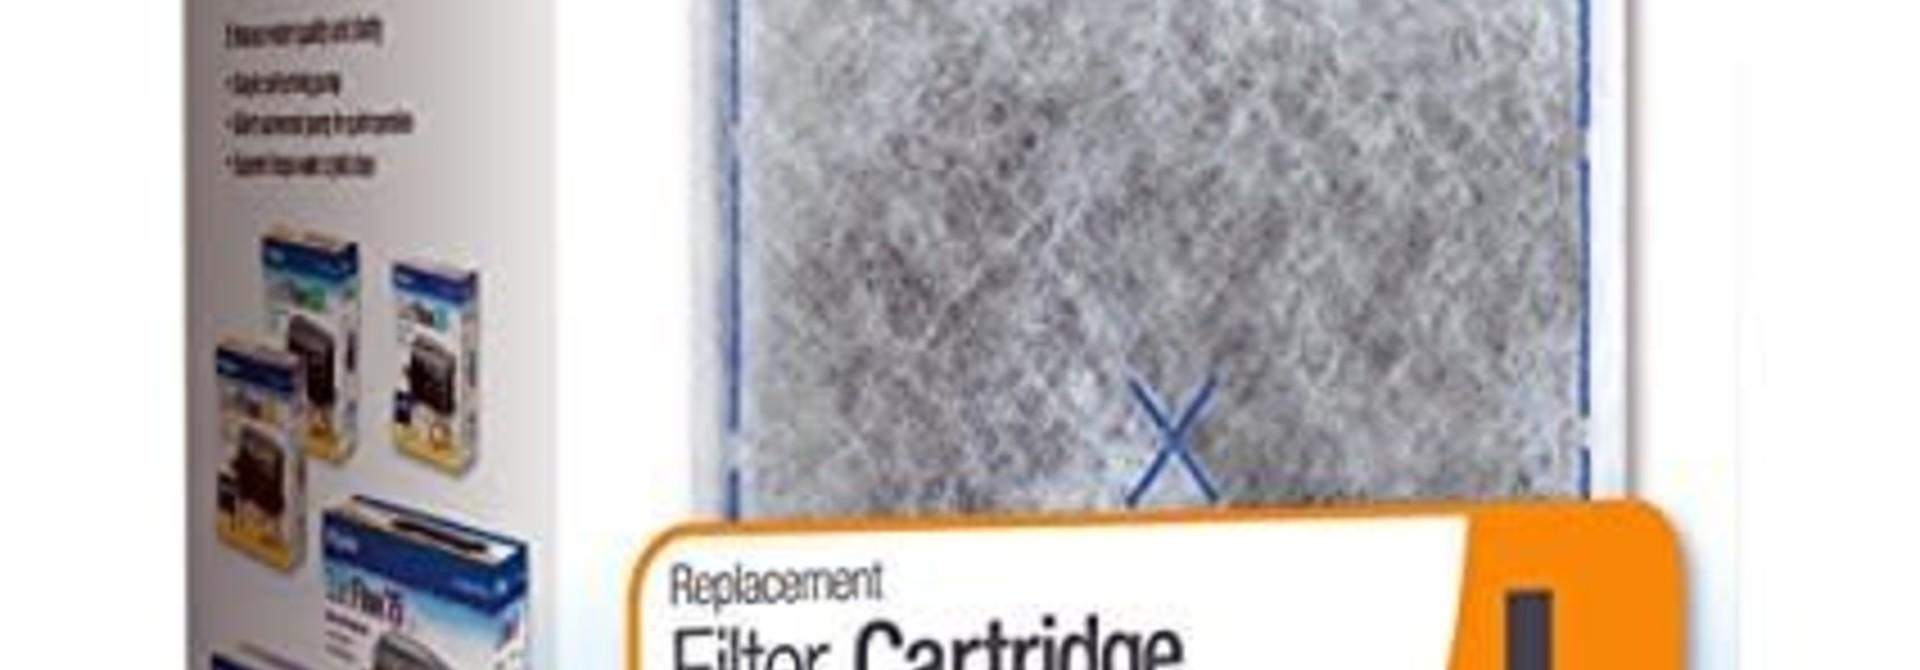 Aqueon Filter Cartridge Large 6PK